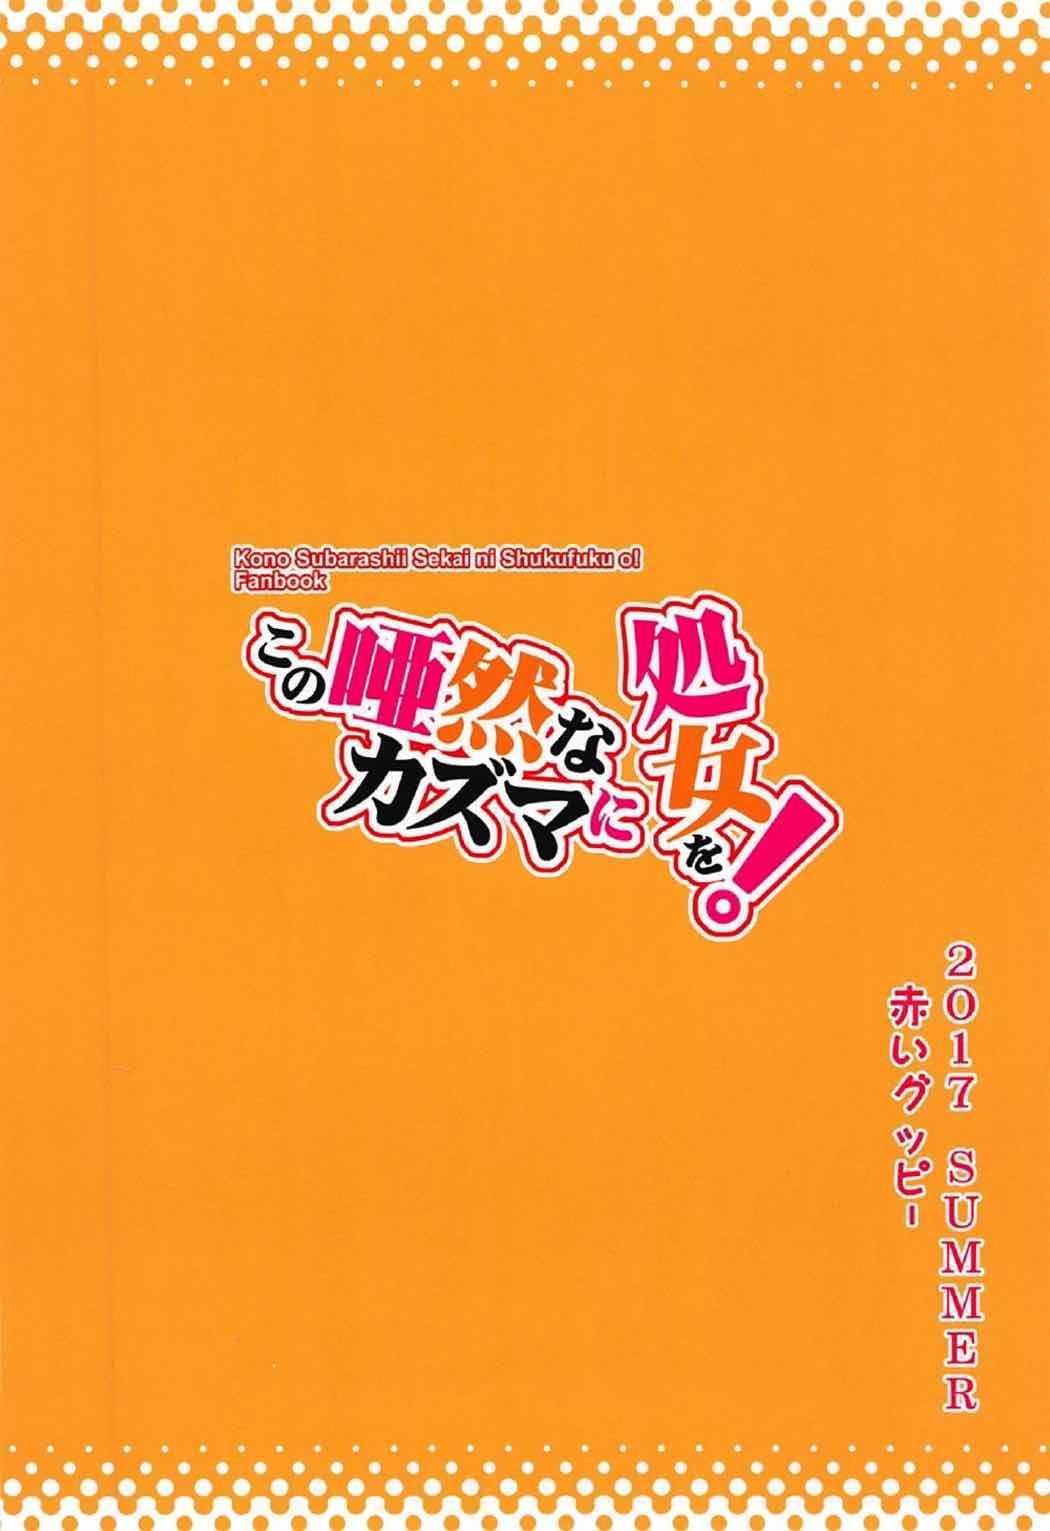 Kono Azen na Kazuma ni Shojo o! 25